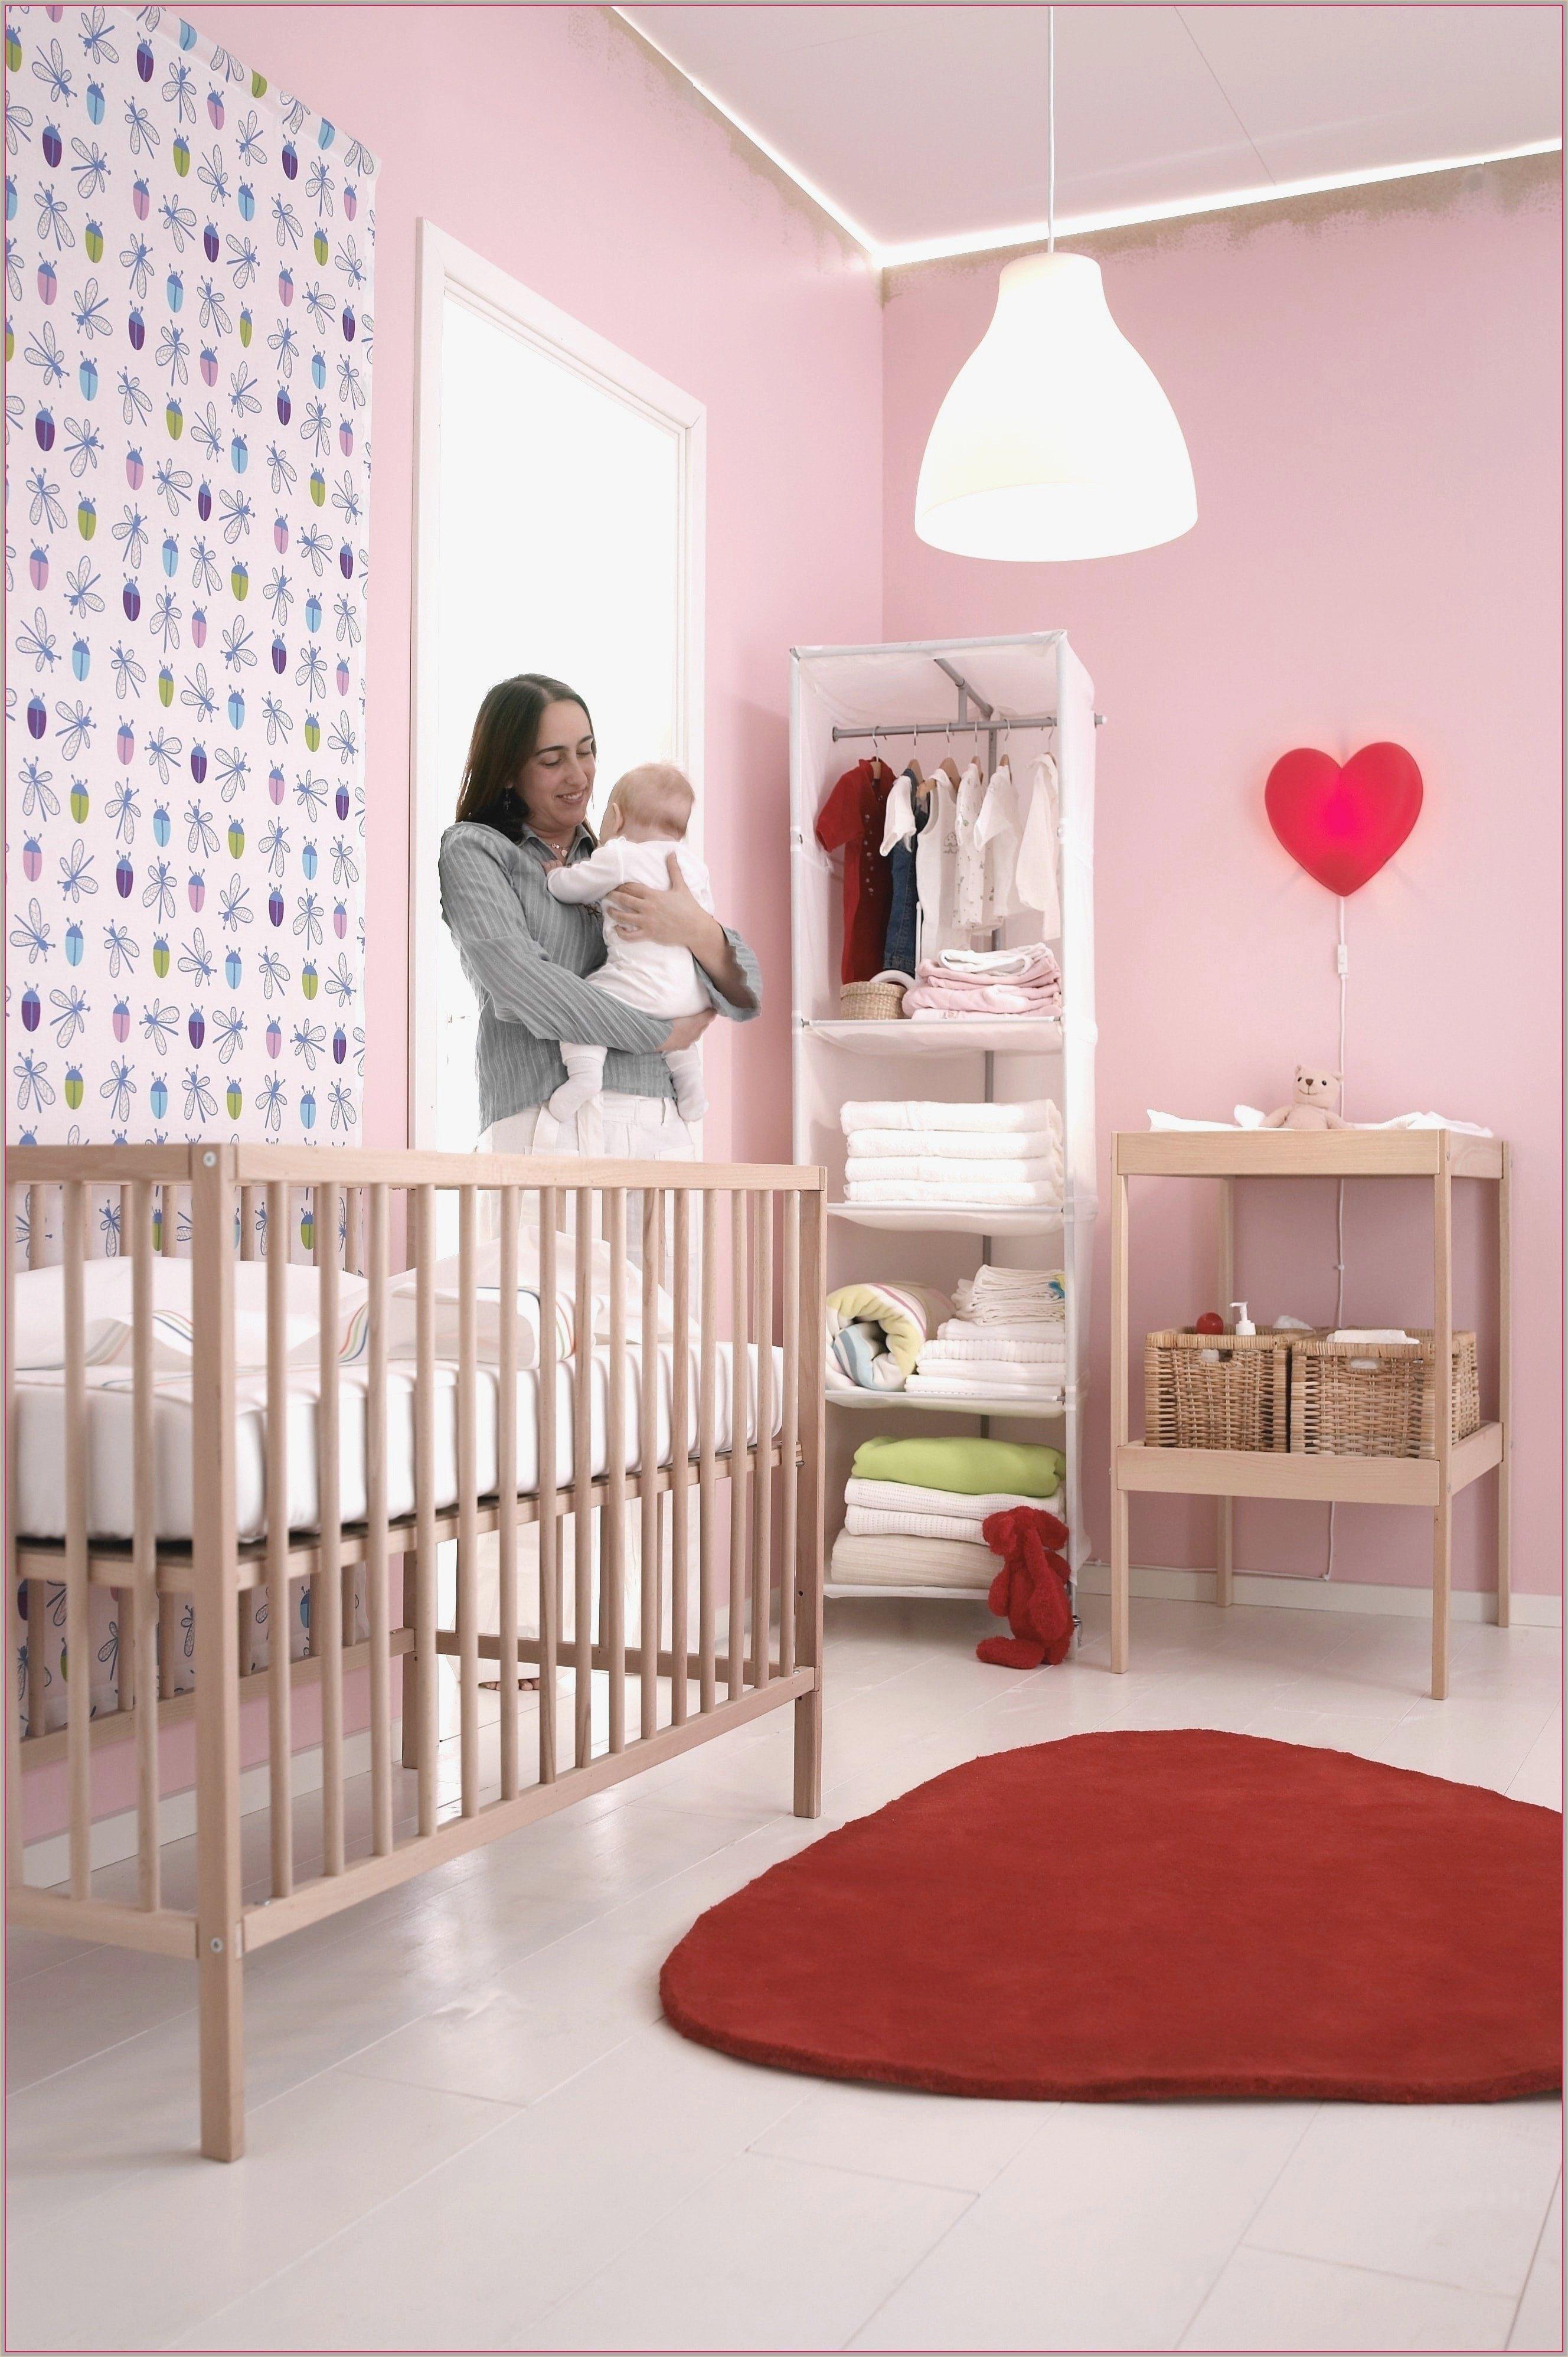 Lit Bébé Hensvik Nouveau Baignoire Pliante Bébé Beautiful Lit Bebe Luxe 36 Ikea Best De Avec